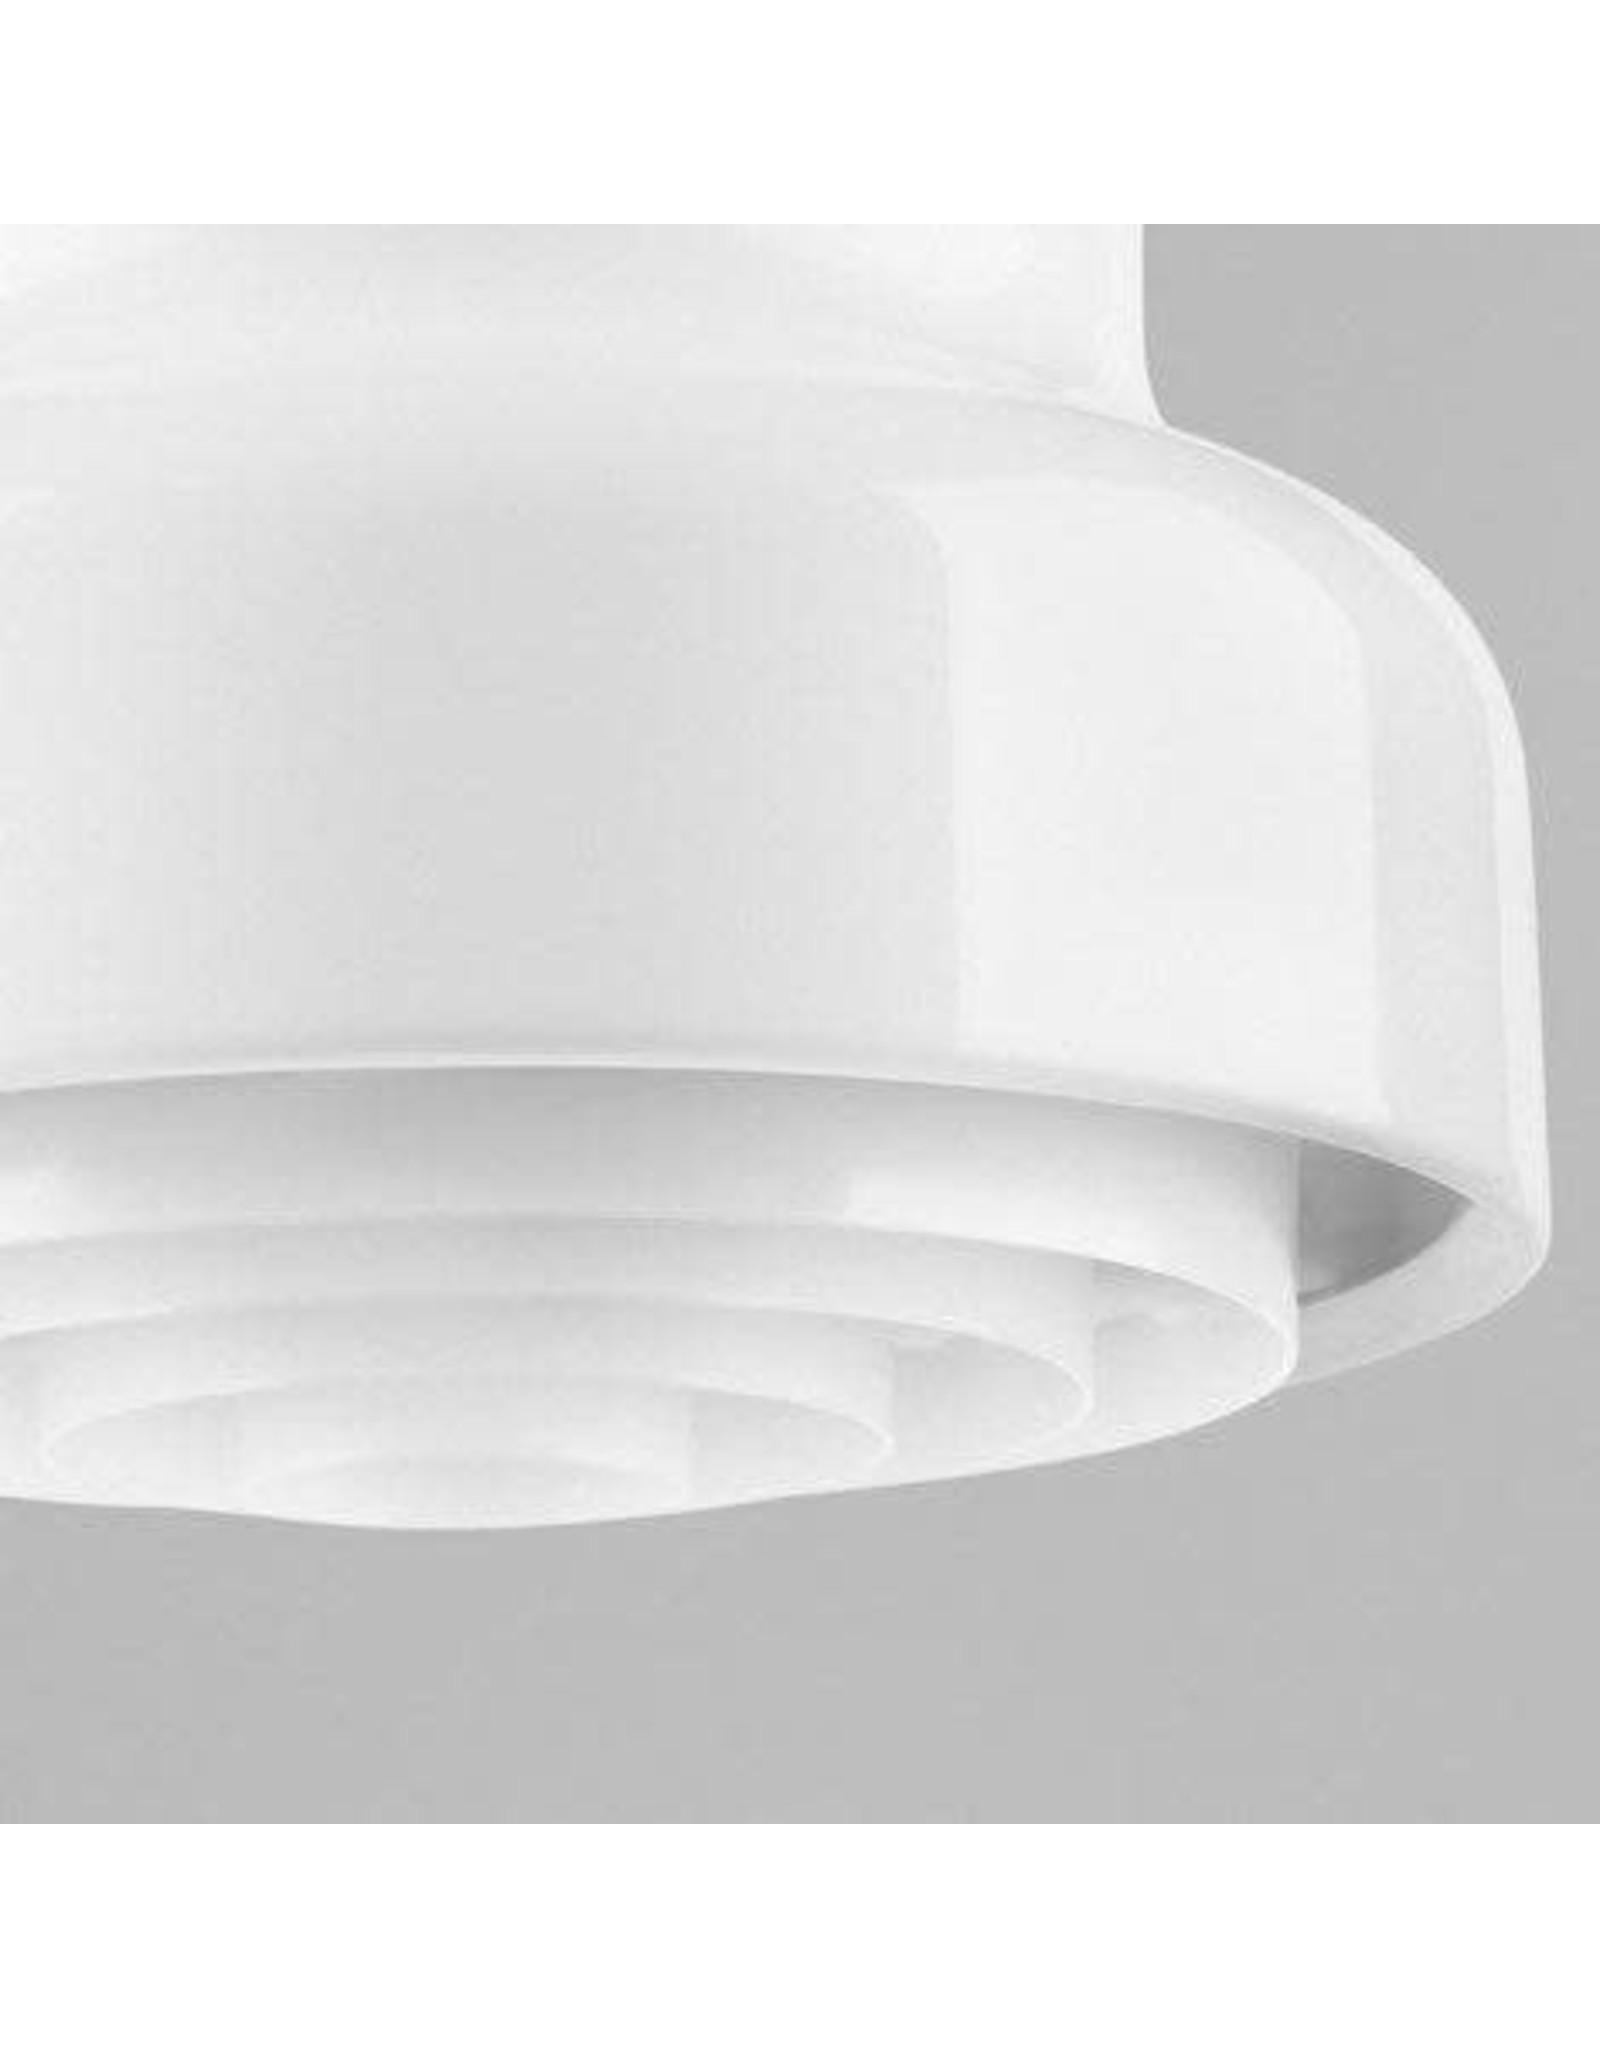 BUMLING MINI PENDANT WHITE LED